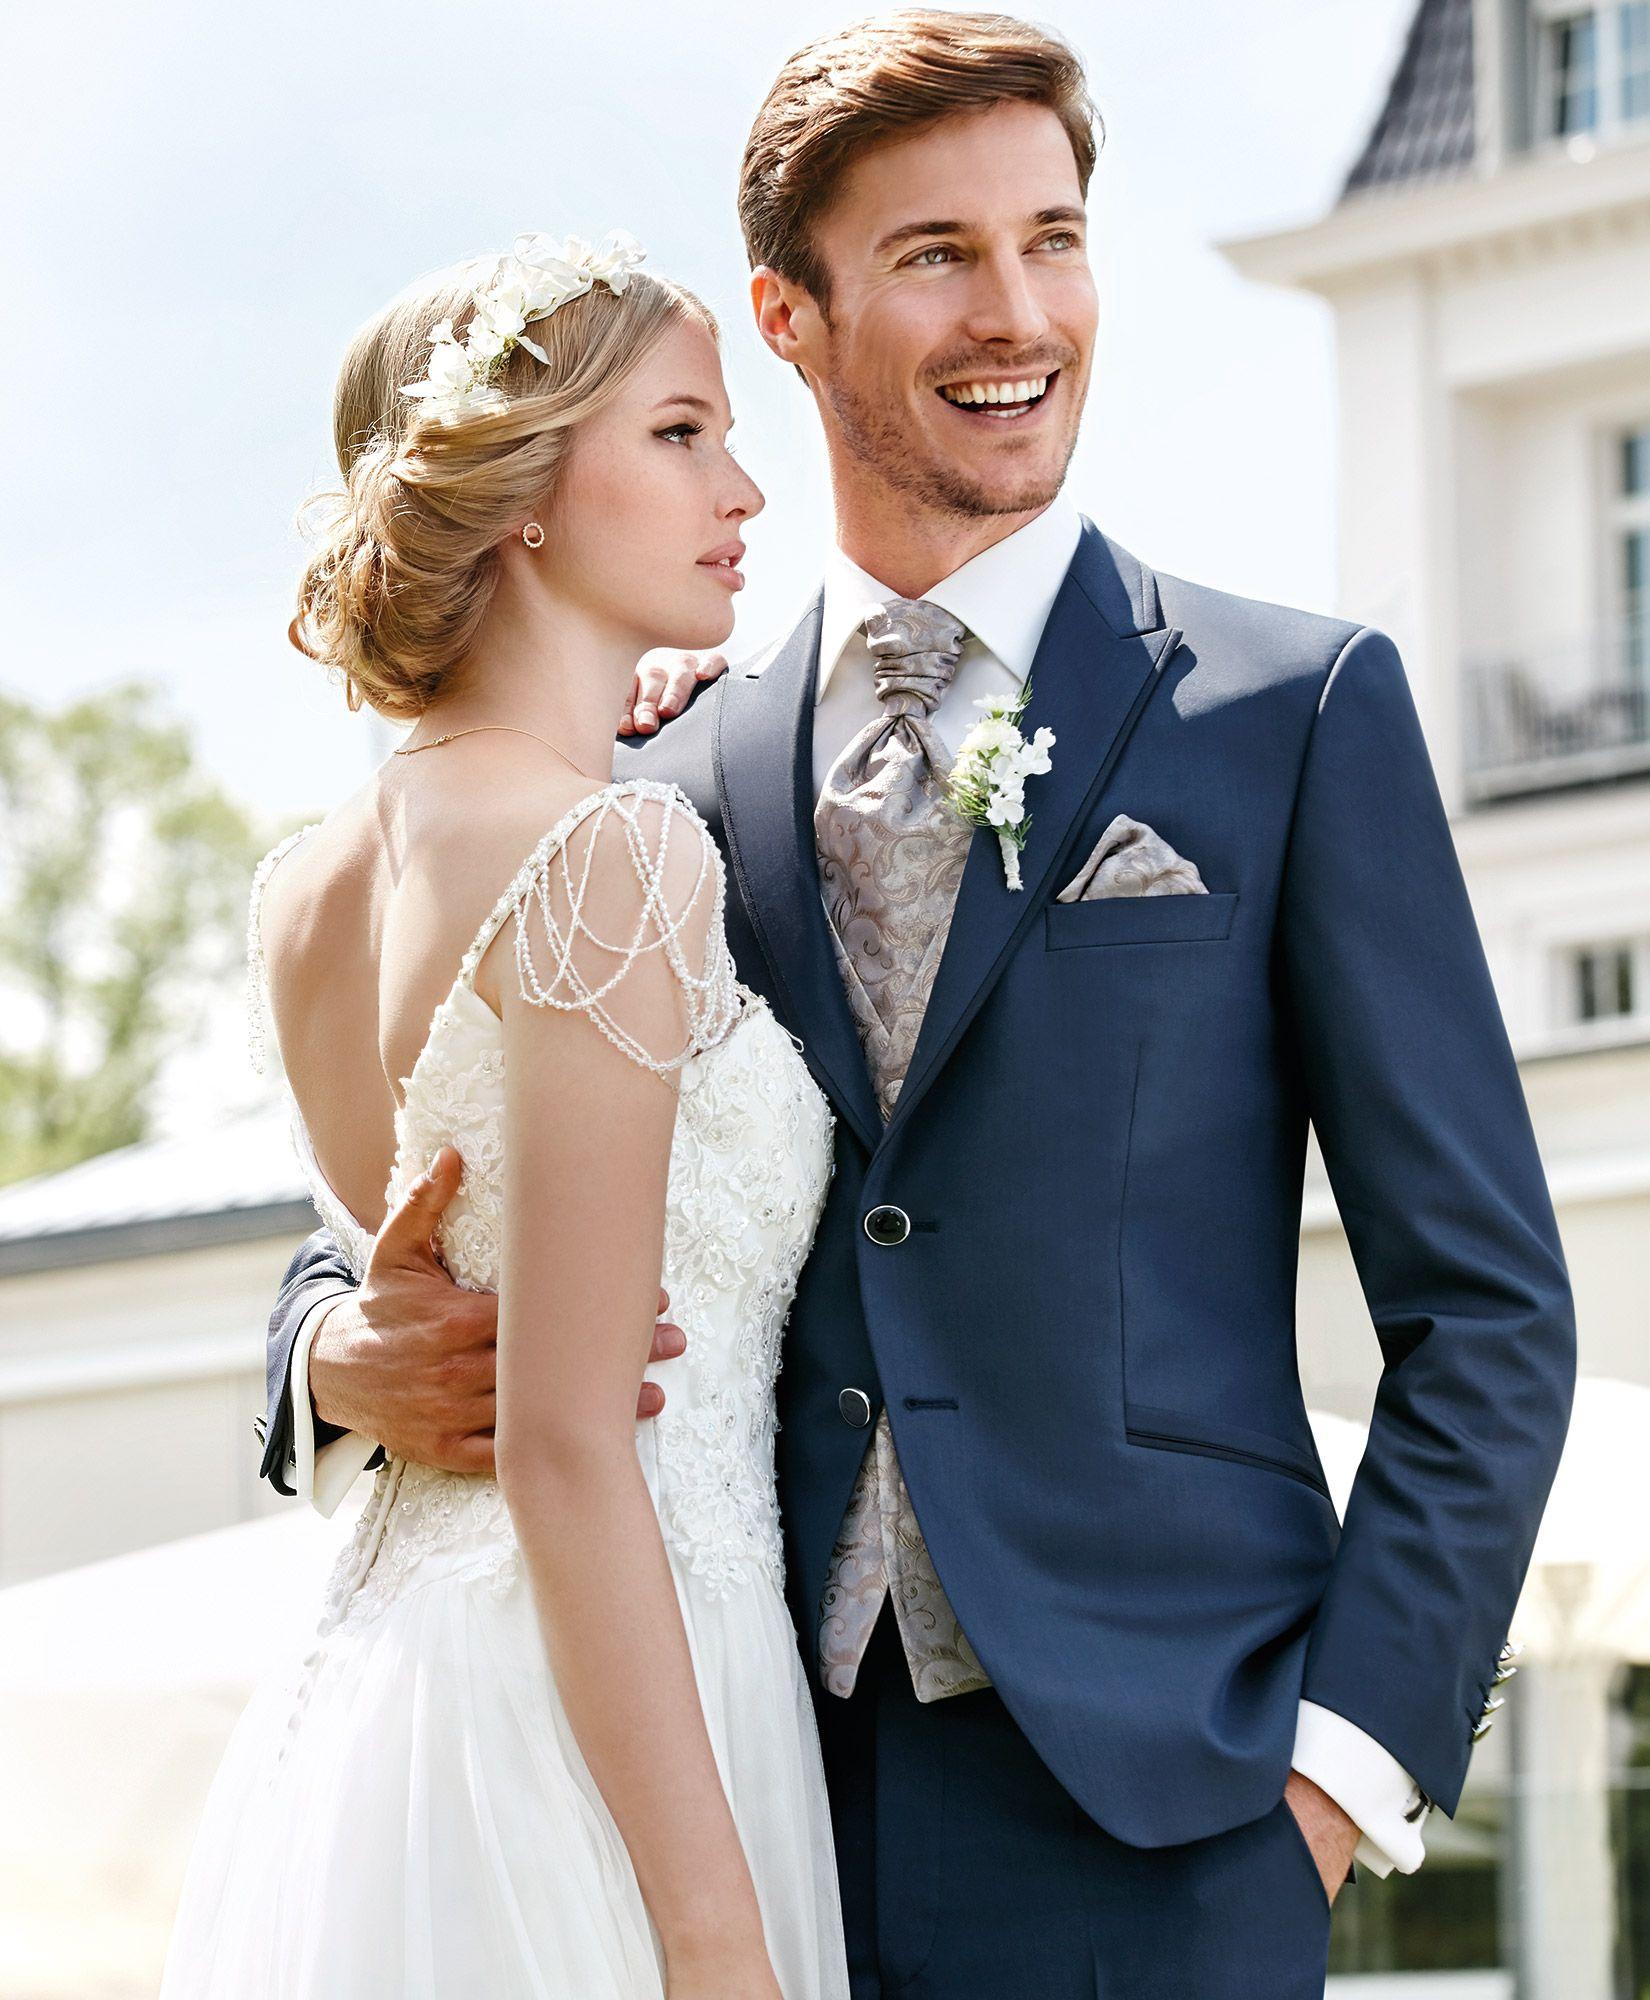 Der Hochzeitsanzug auf dem neuen After Six ECHTE MOMENTE